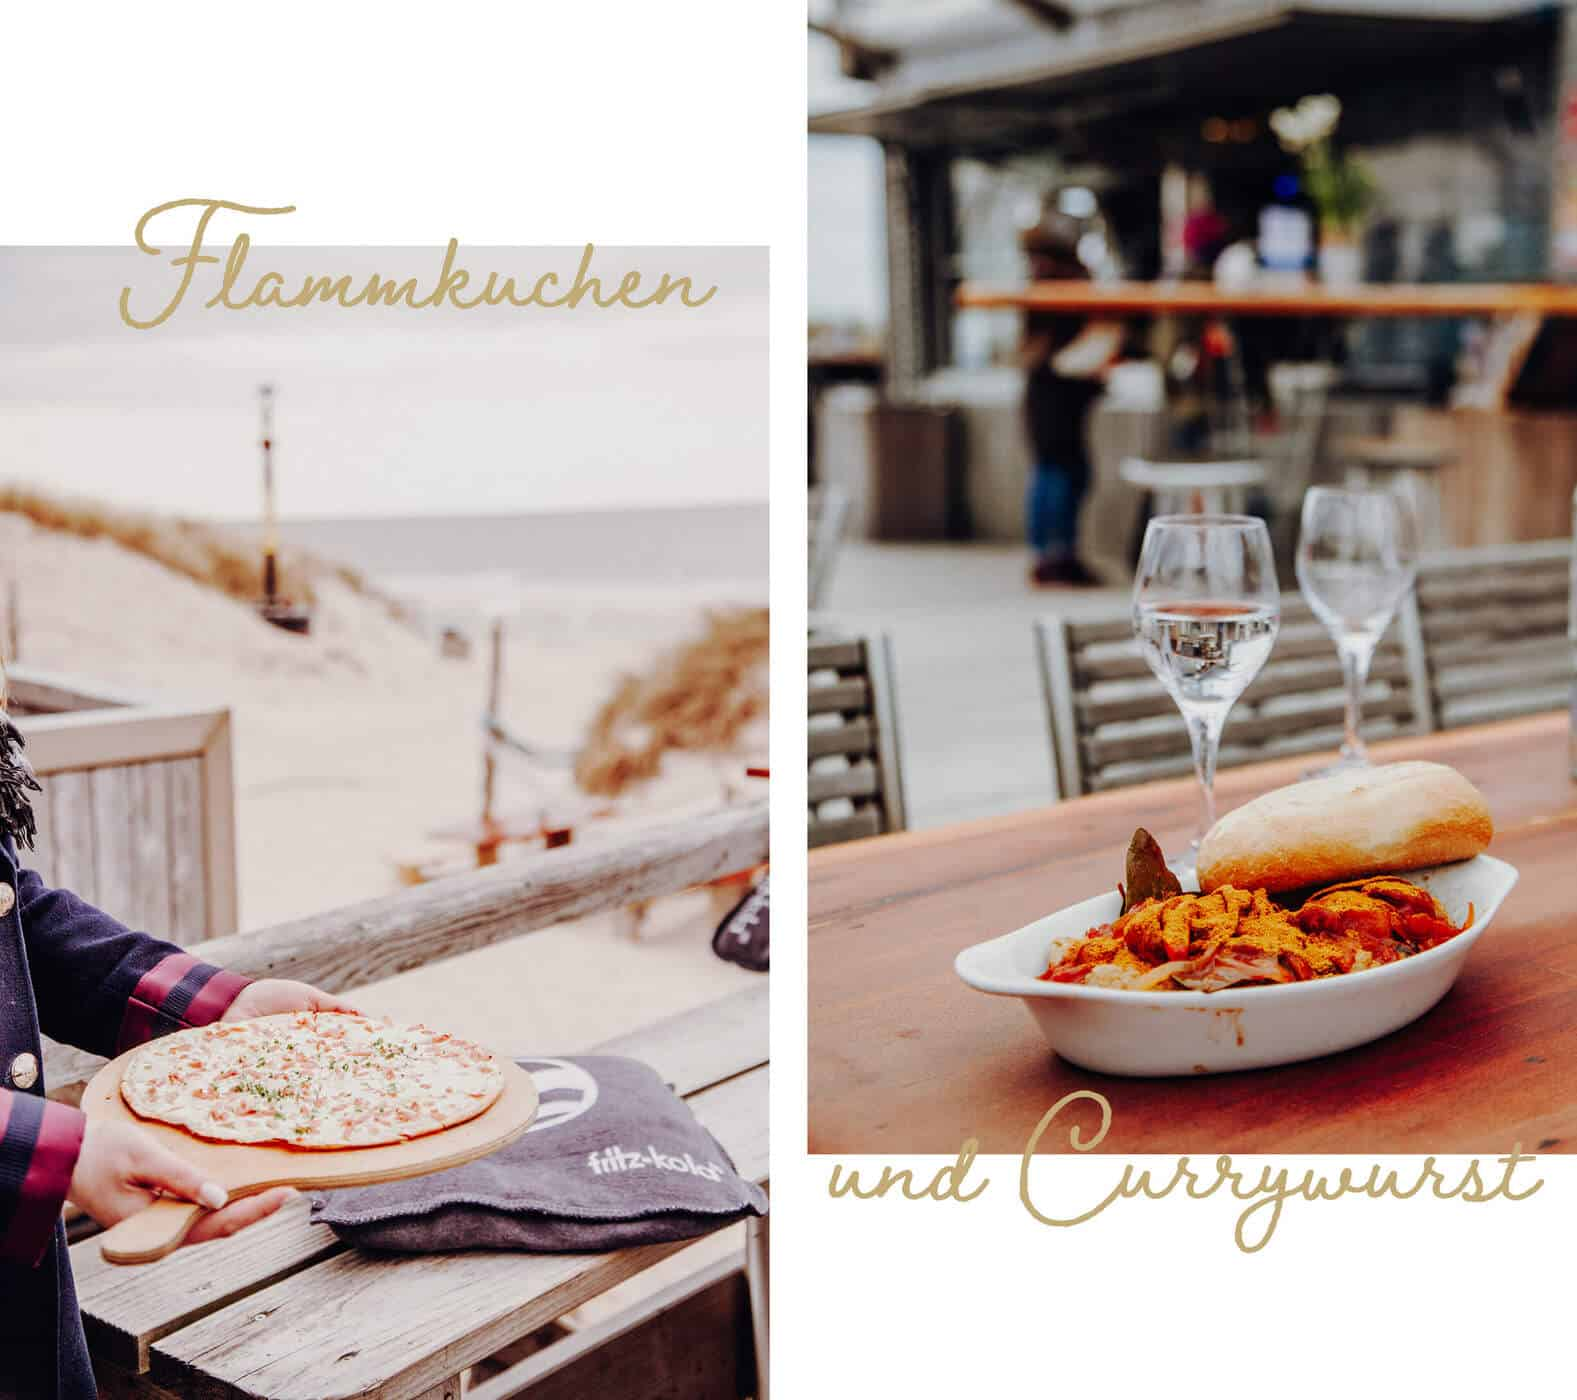 In wohl keiner Location kommen Urlaubsfeeling und Lebensfreude so geballt zusammen wie in der Buhne 16 in Kampen